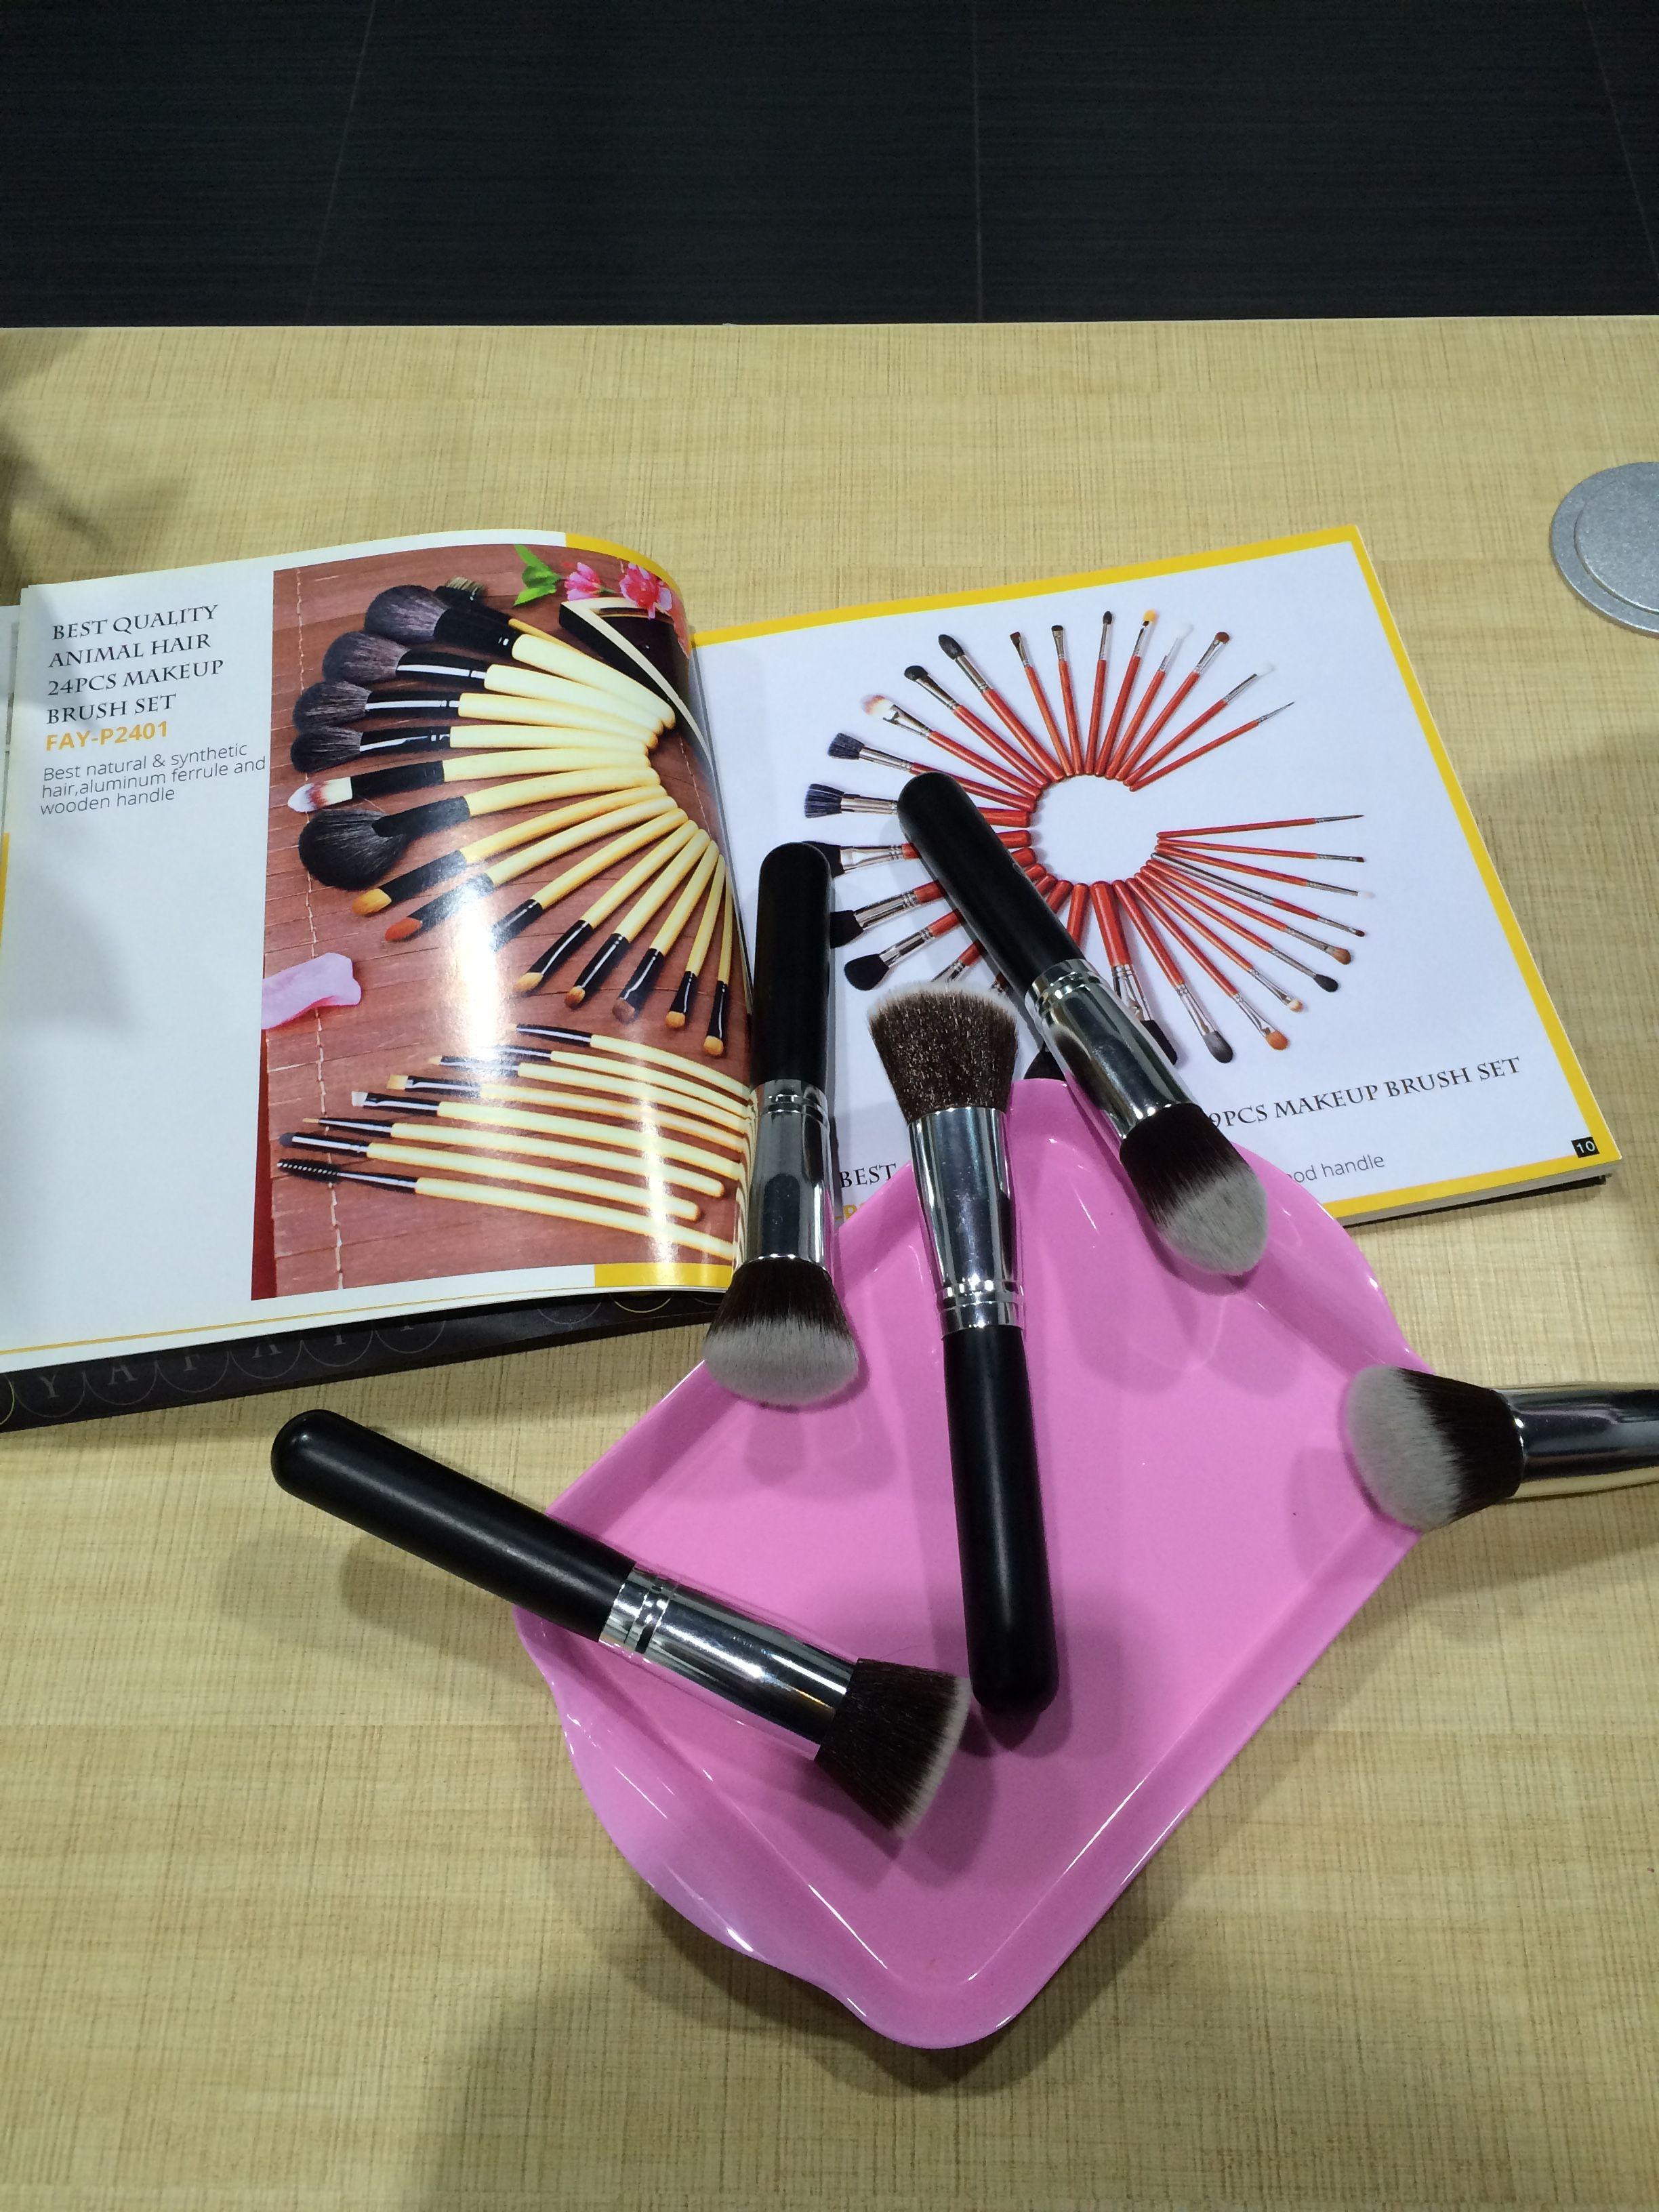 Makeup brushes of Docolor Makeup brush set, Makeup